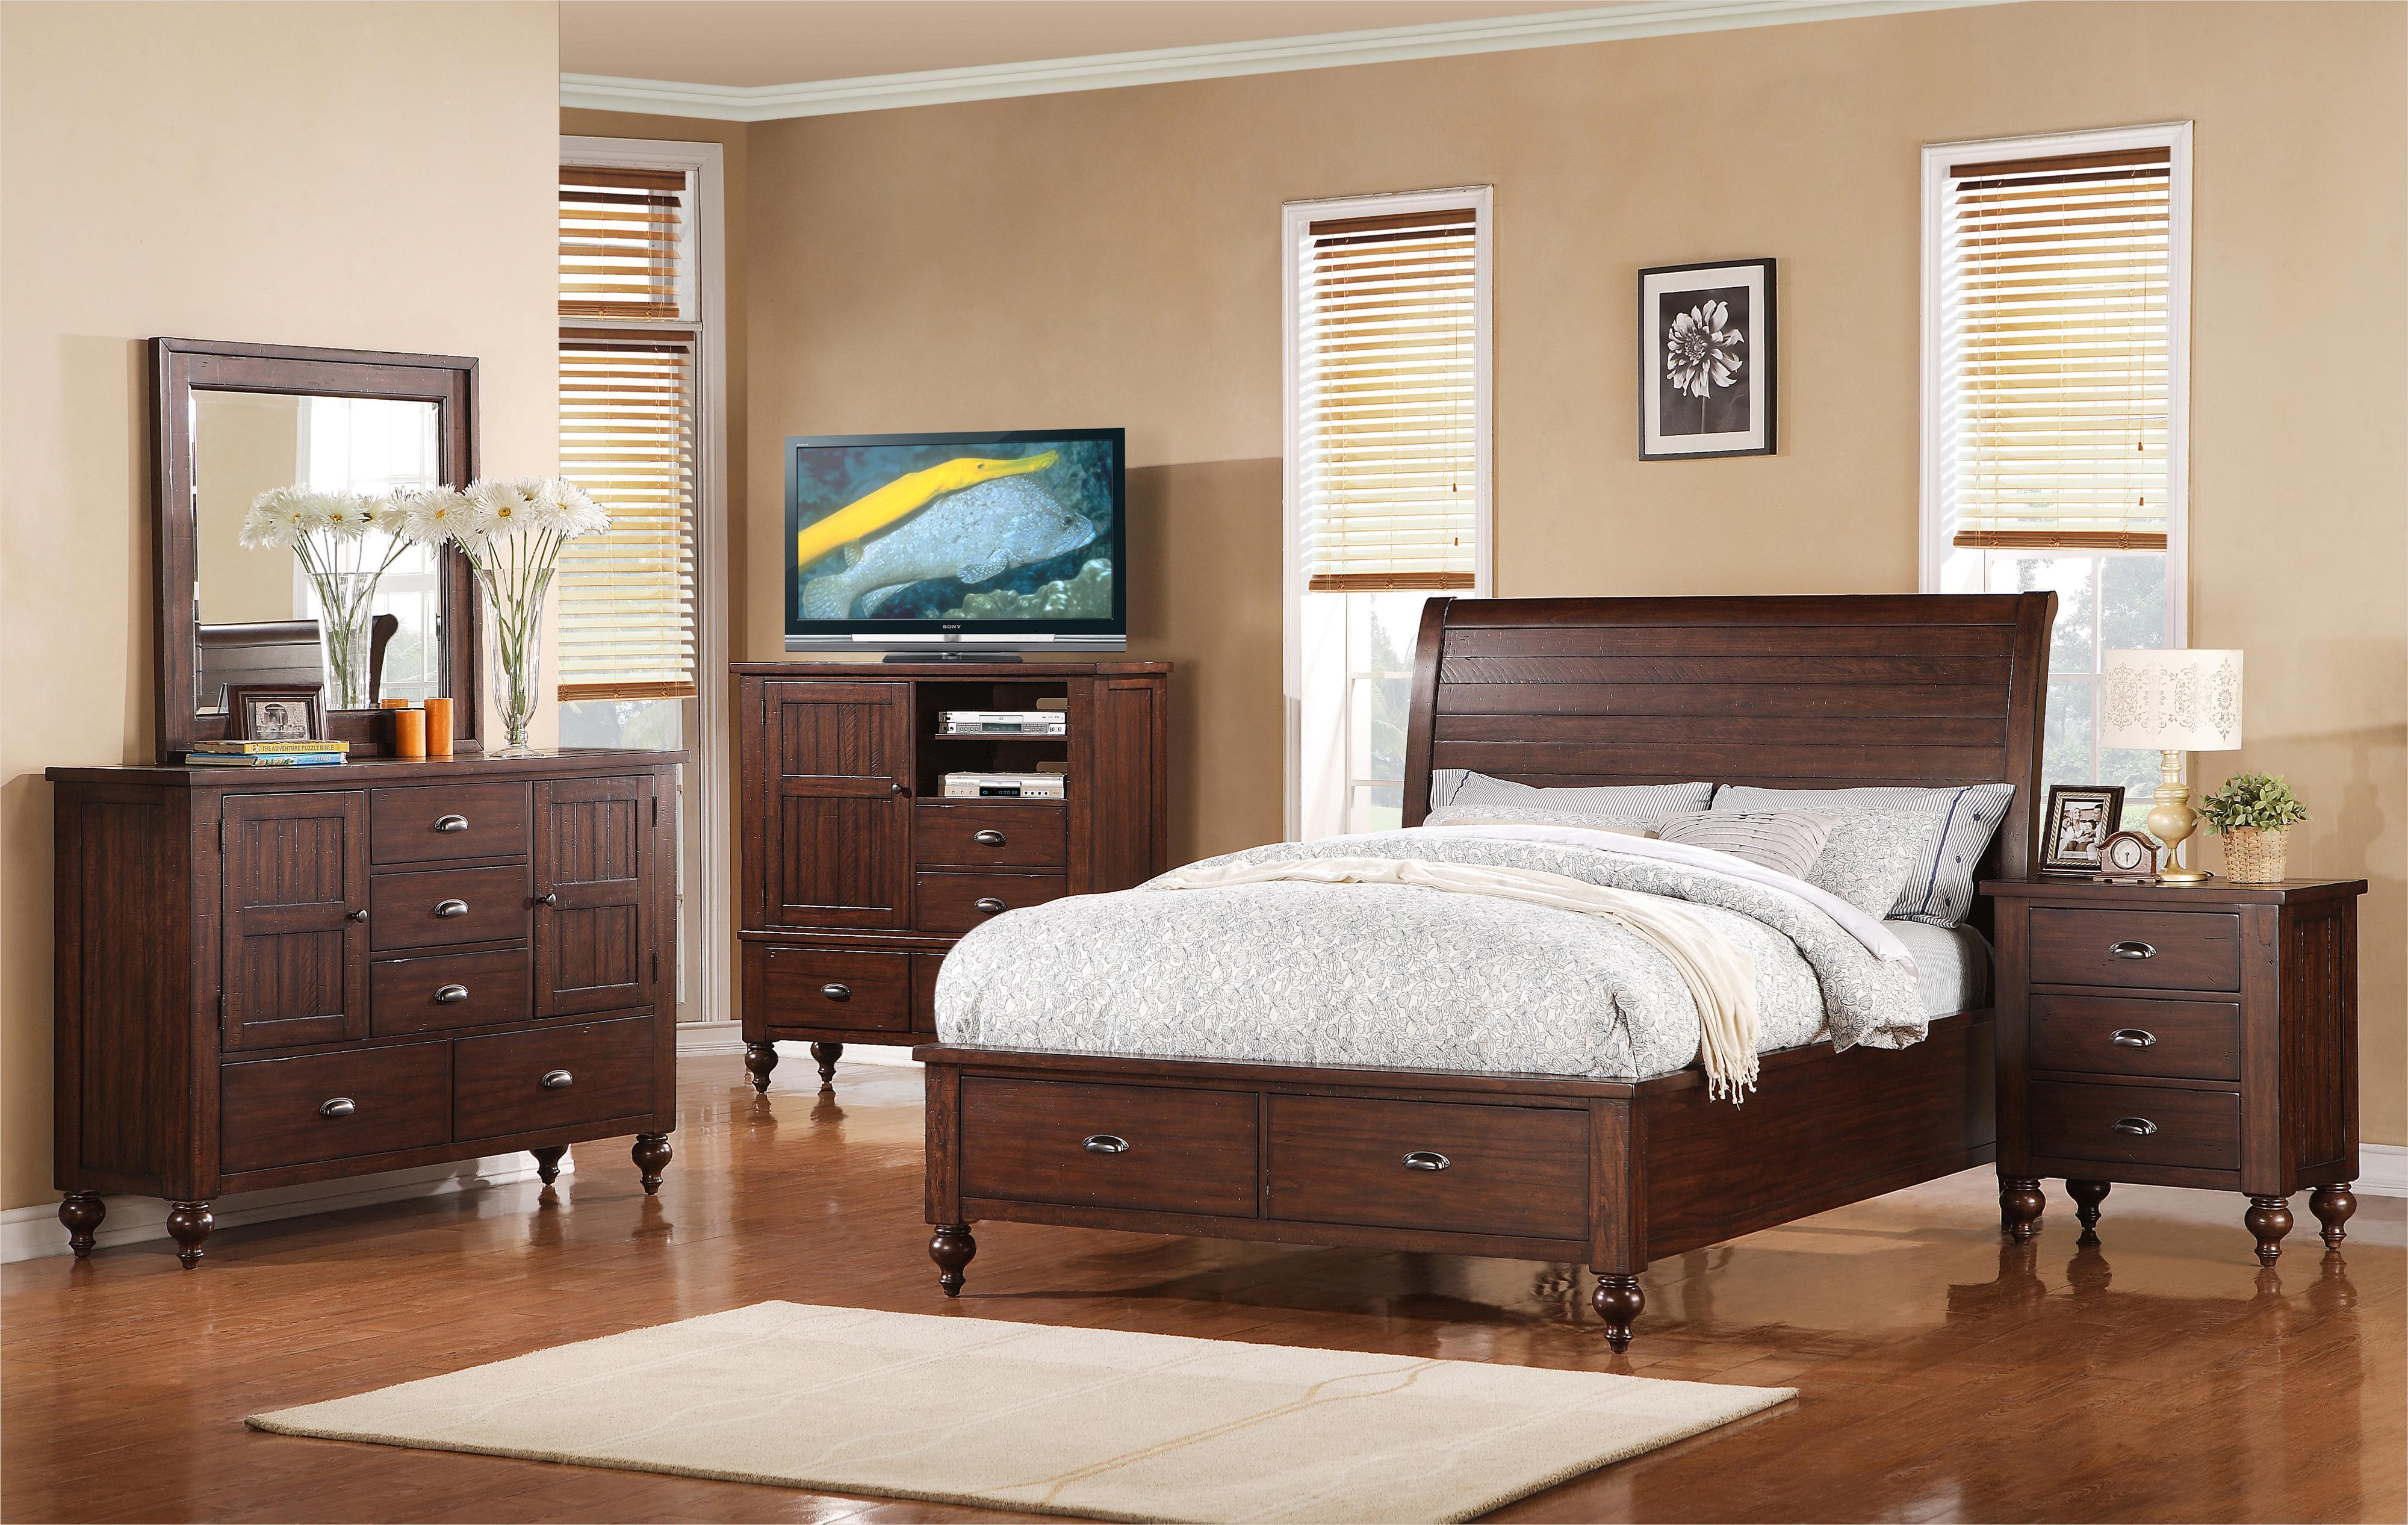 Riverside Furniture Castlewood King Bedroom Group - Item Number: 335 K Bedroom Group 2